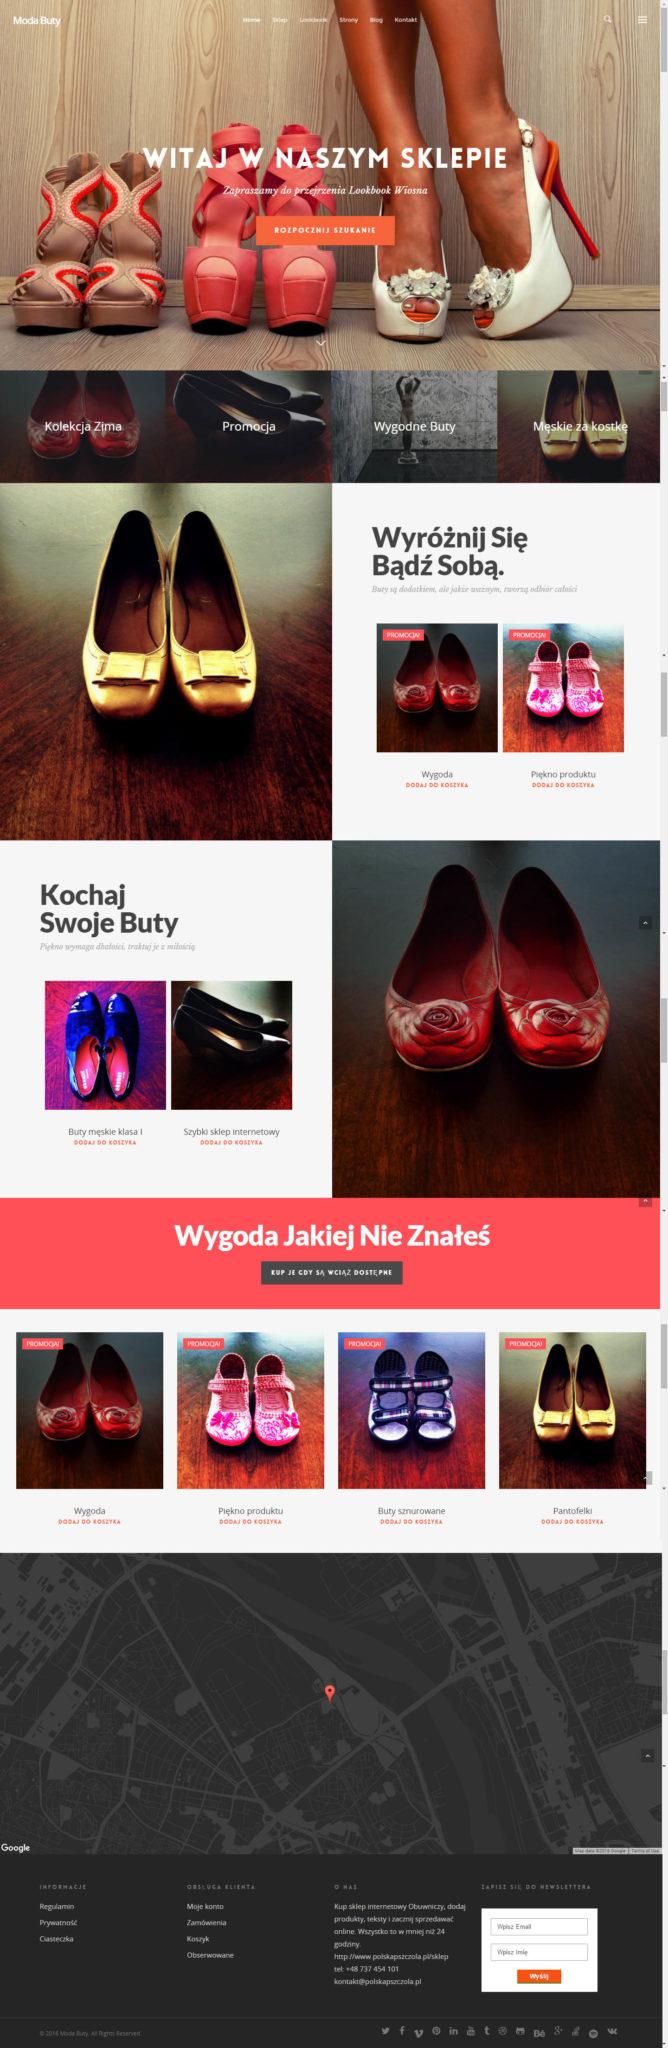 6ea44d400 Femina: sklep internetowy do sprzedaży odzieży, butów, etc - Polska ...